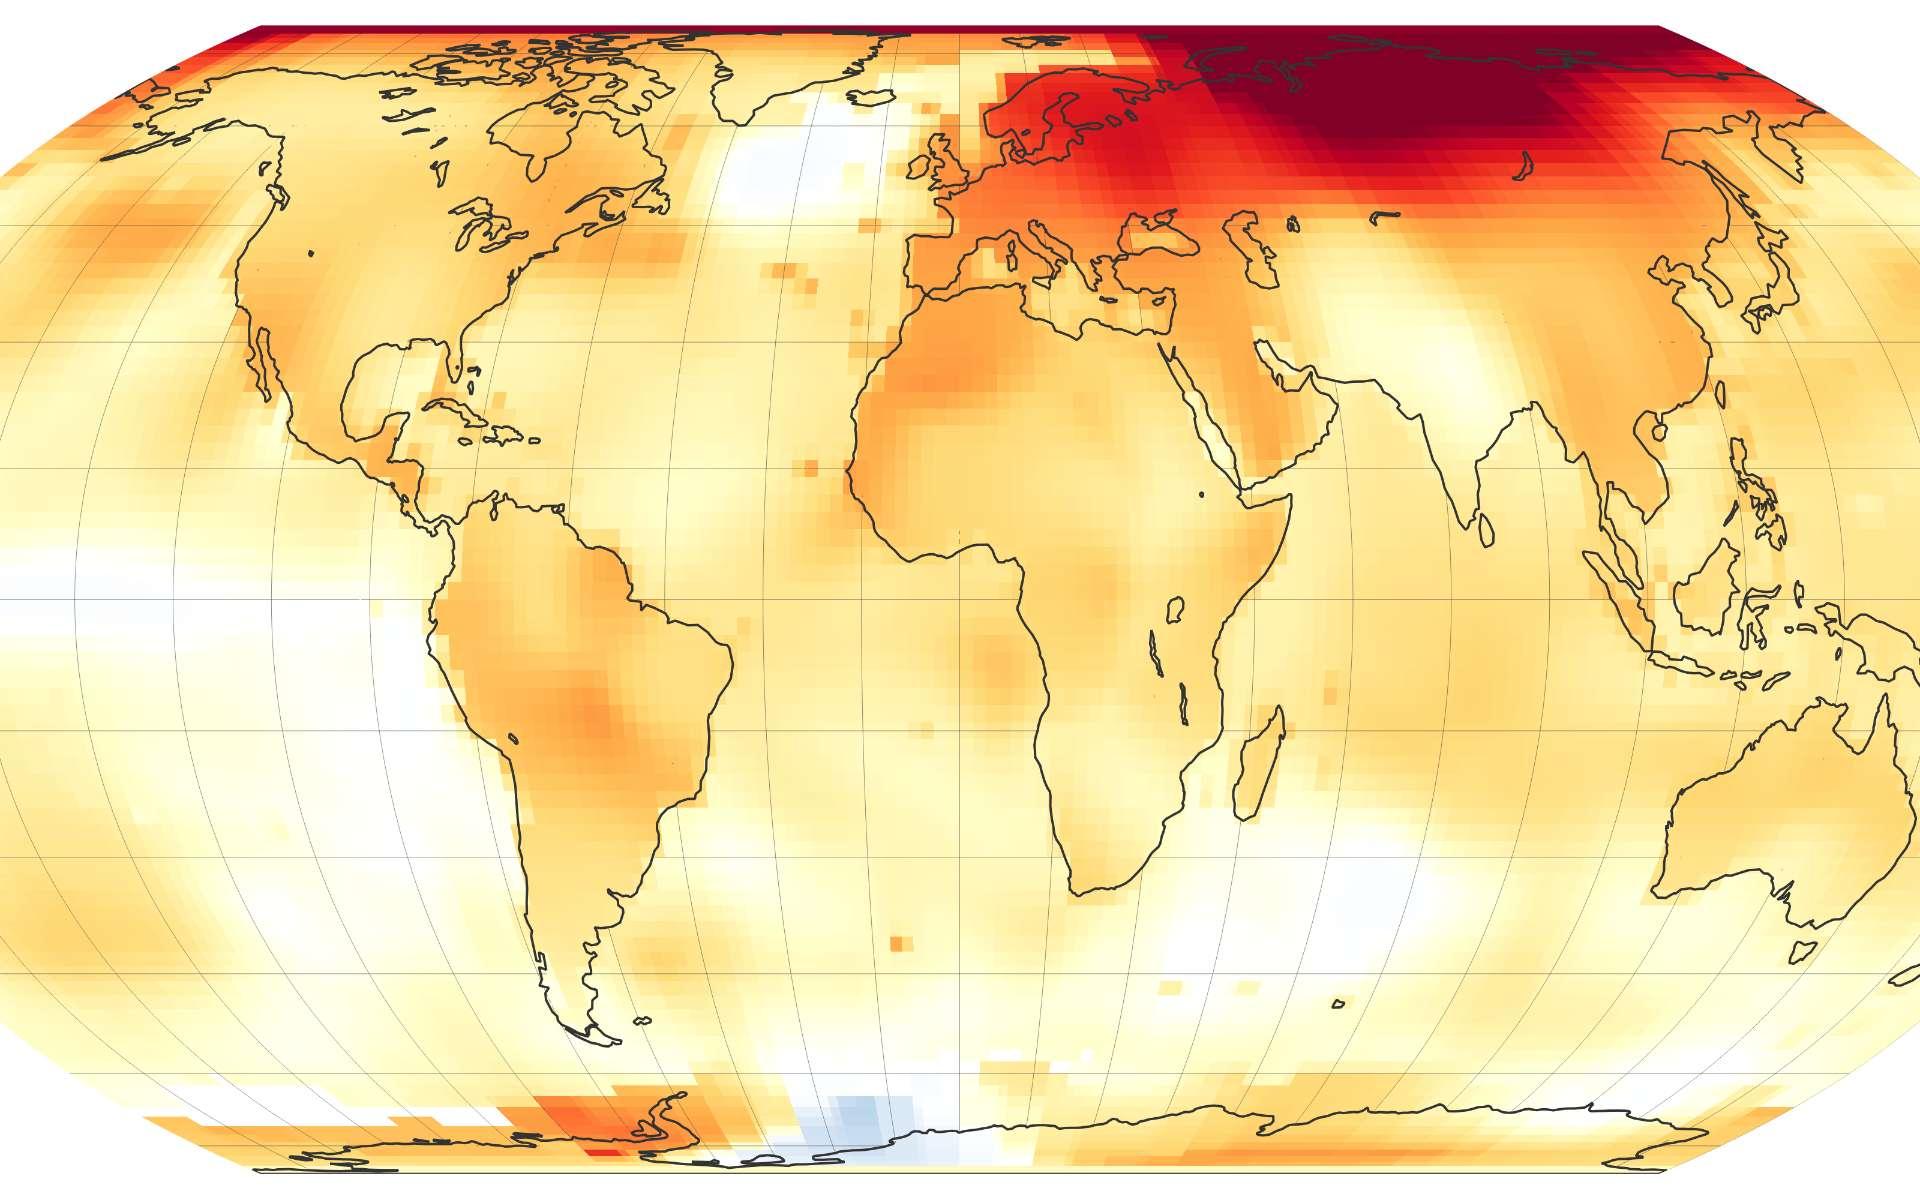 L'année 2020 achève sur la même lignée une décennie déjà très chaude. Carte des anomalies de températures dans le monde observées par la Nasa en 2020. © Nasa